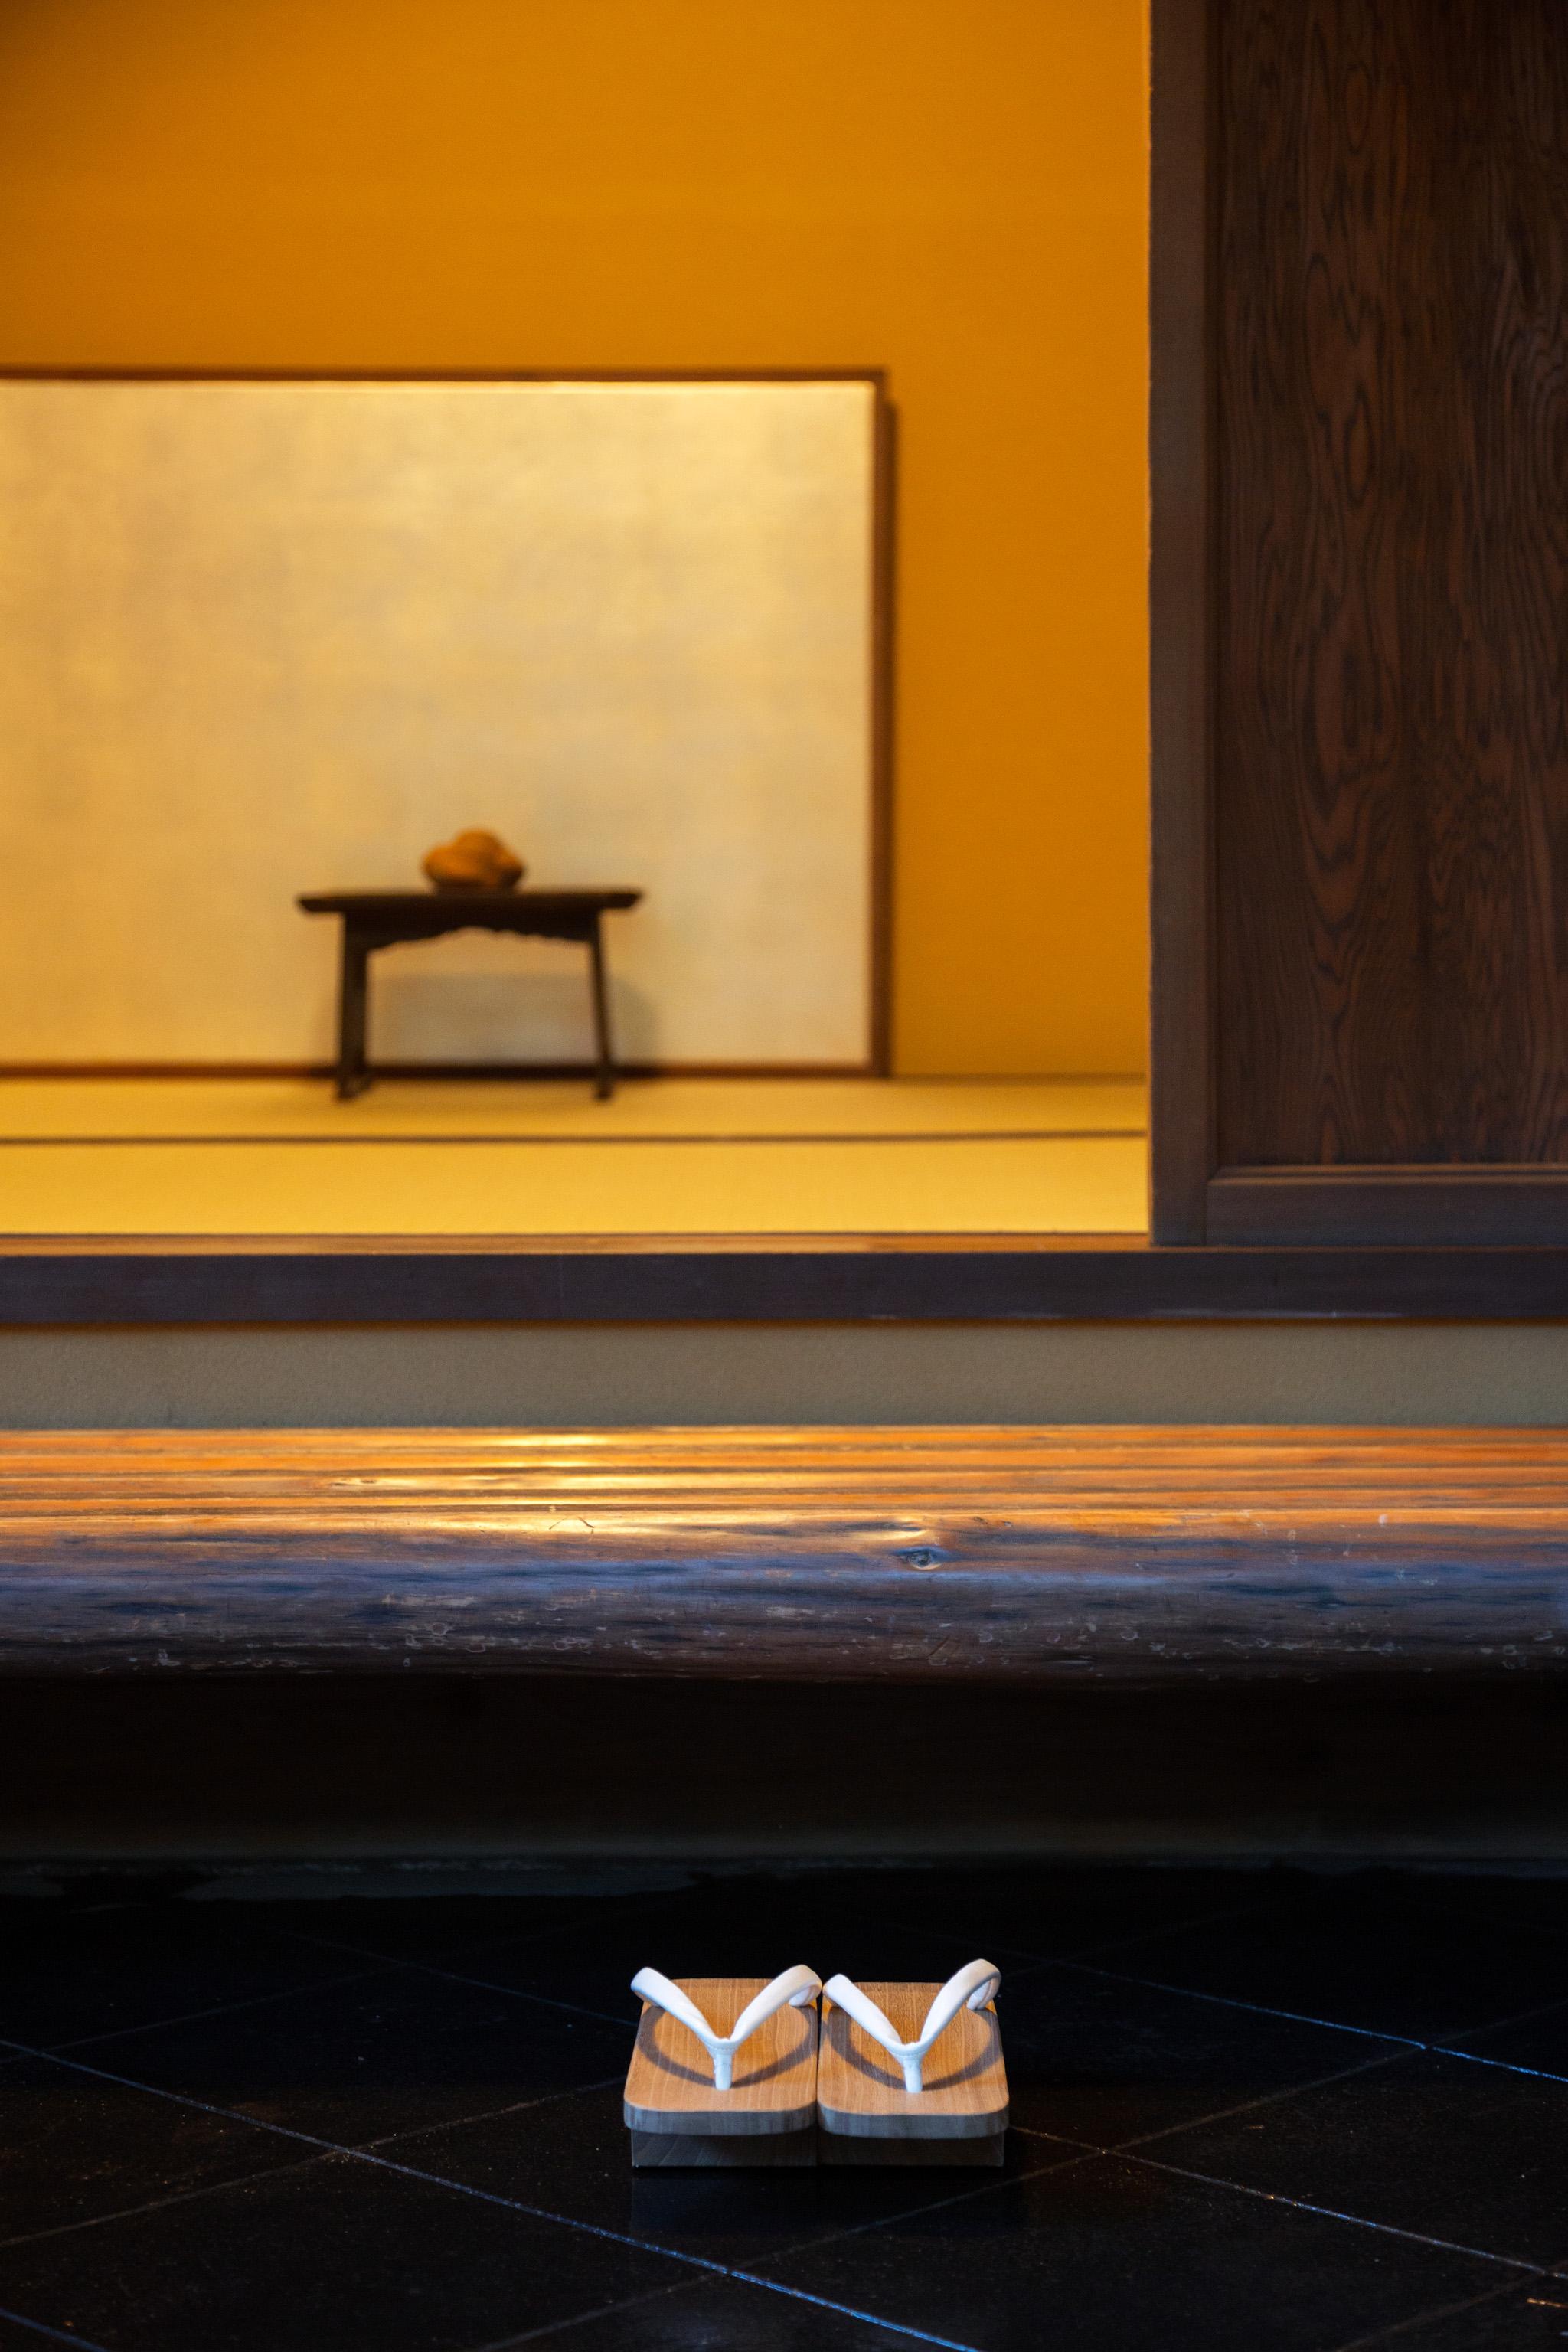 日本遺産のまち尾道の町家宿「せとうち湊のやど 出雲屋敷」で楽しむお茶の旅。尾道茶会 おちゃのわ開催/5月9日(土)・10日(日)